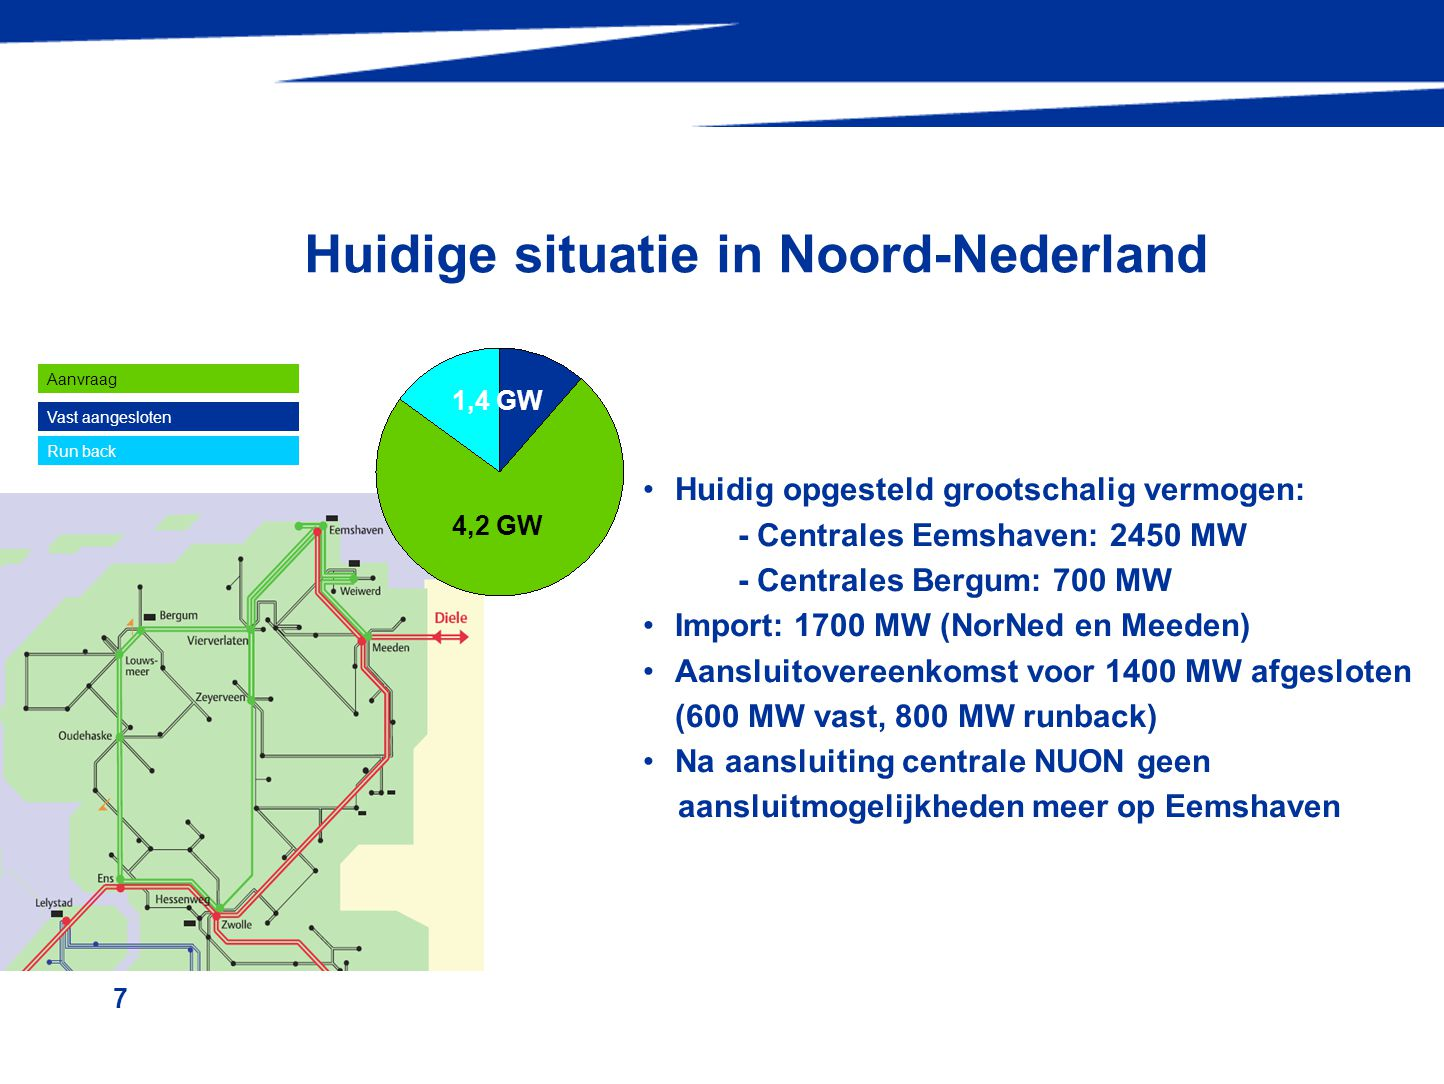 7 Huidige situatie in Noord-Nederland 1,4 GW 4,2 GW •Huidig opgesteld grootschalig vermogen: - Centrales Eemshaven: 2450 MW - Centrales Bergum: 700 MW •Import: 1700 MW (NorNed en Meeden) •Aansluitovereenkomst voor 1400 MW afgesloten (600 MW vast, 800 MW runback) •Na aansluiting centrale NUON geen aansluitmogelijkheden meer op Eemshaven Aanvraag Vast aangesloten Run back